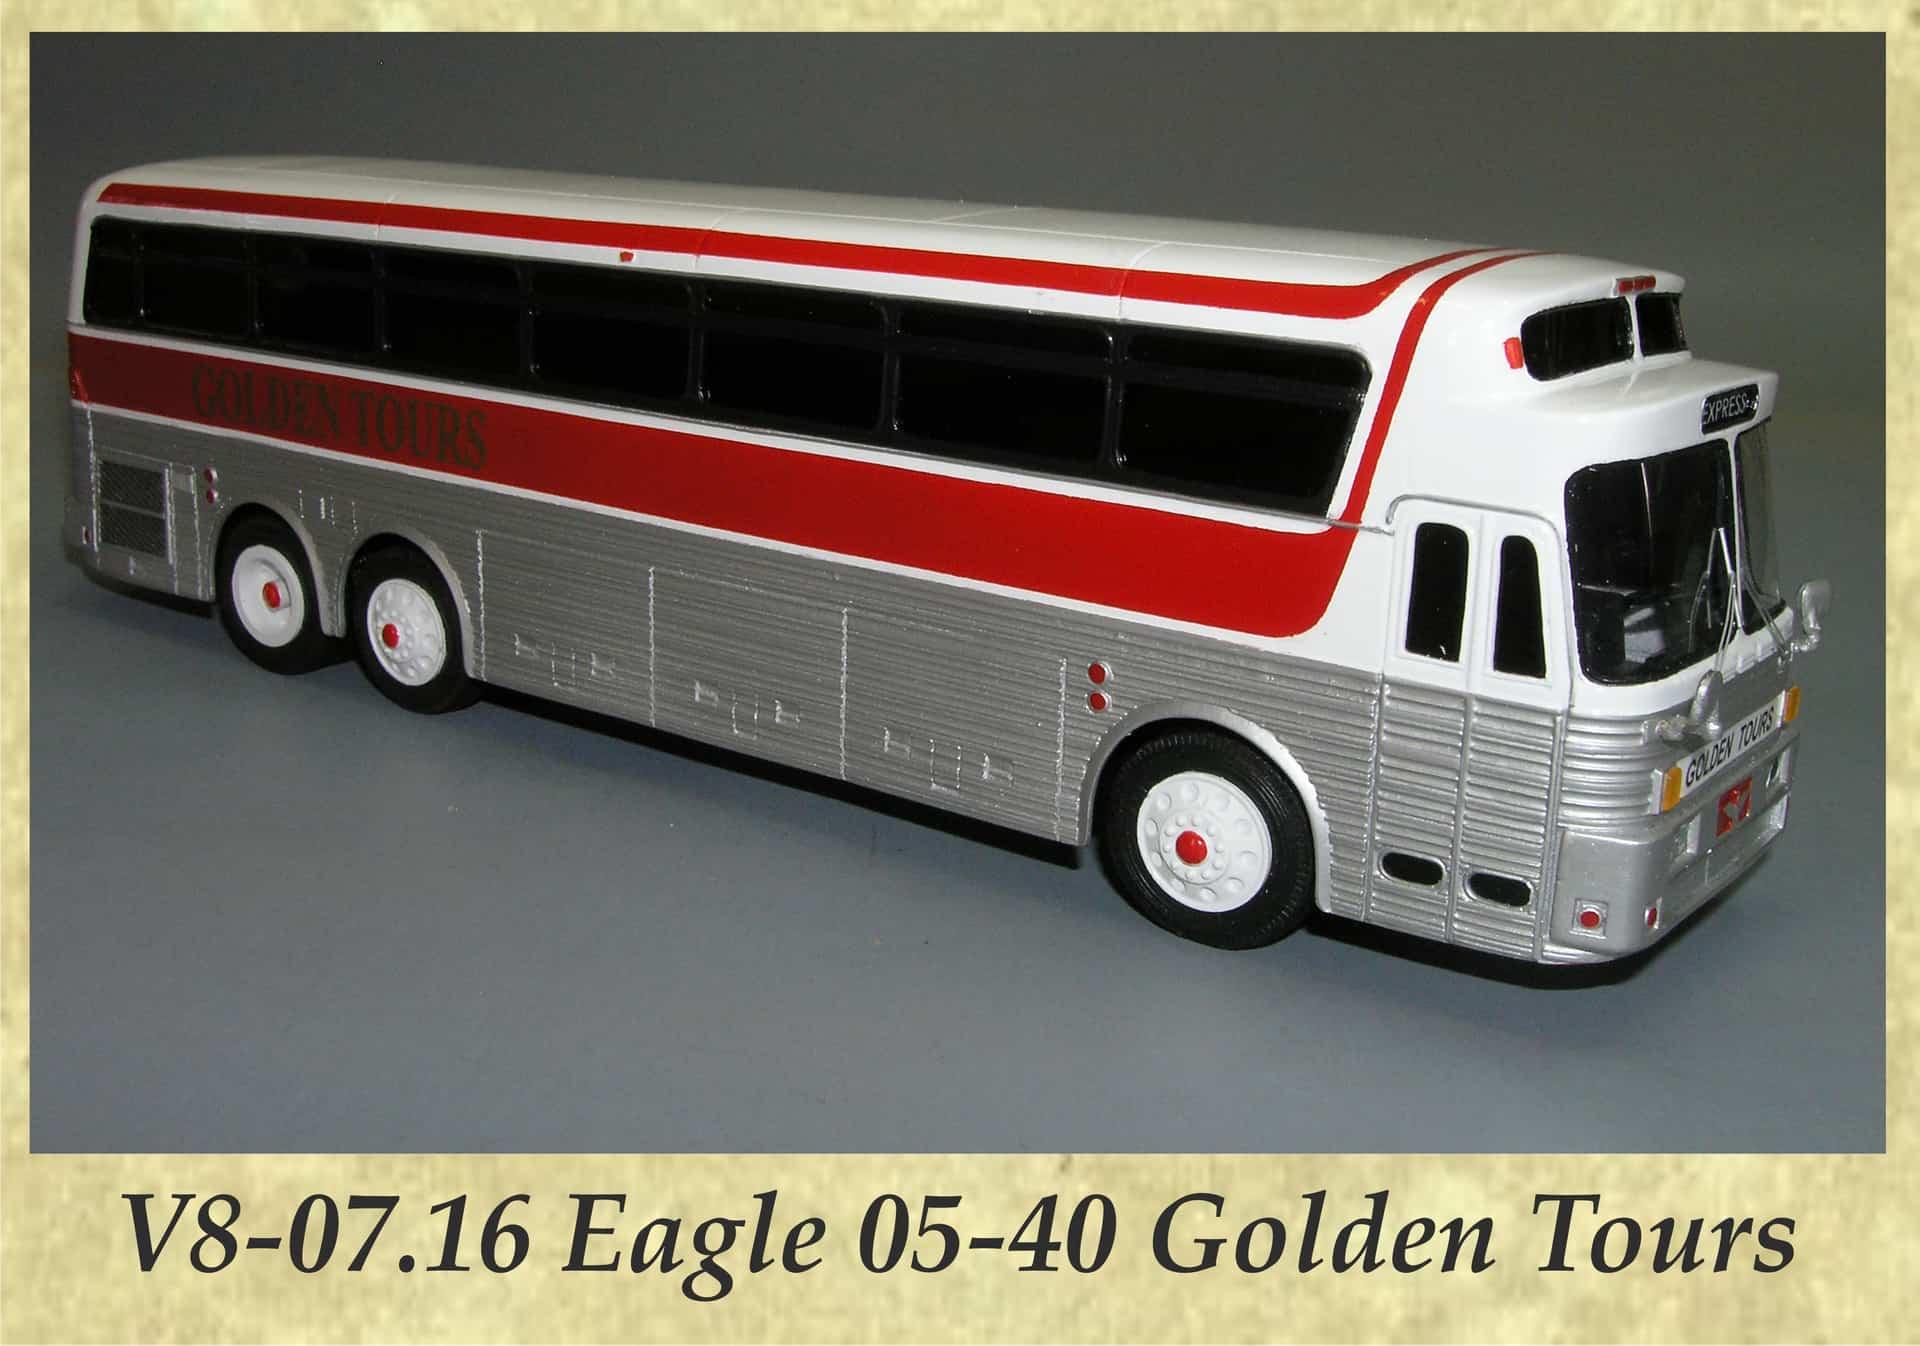 V8-07.16 Eagle 05-40 Golden Tours